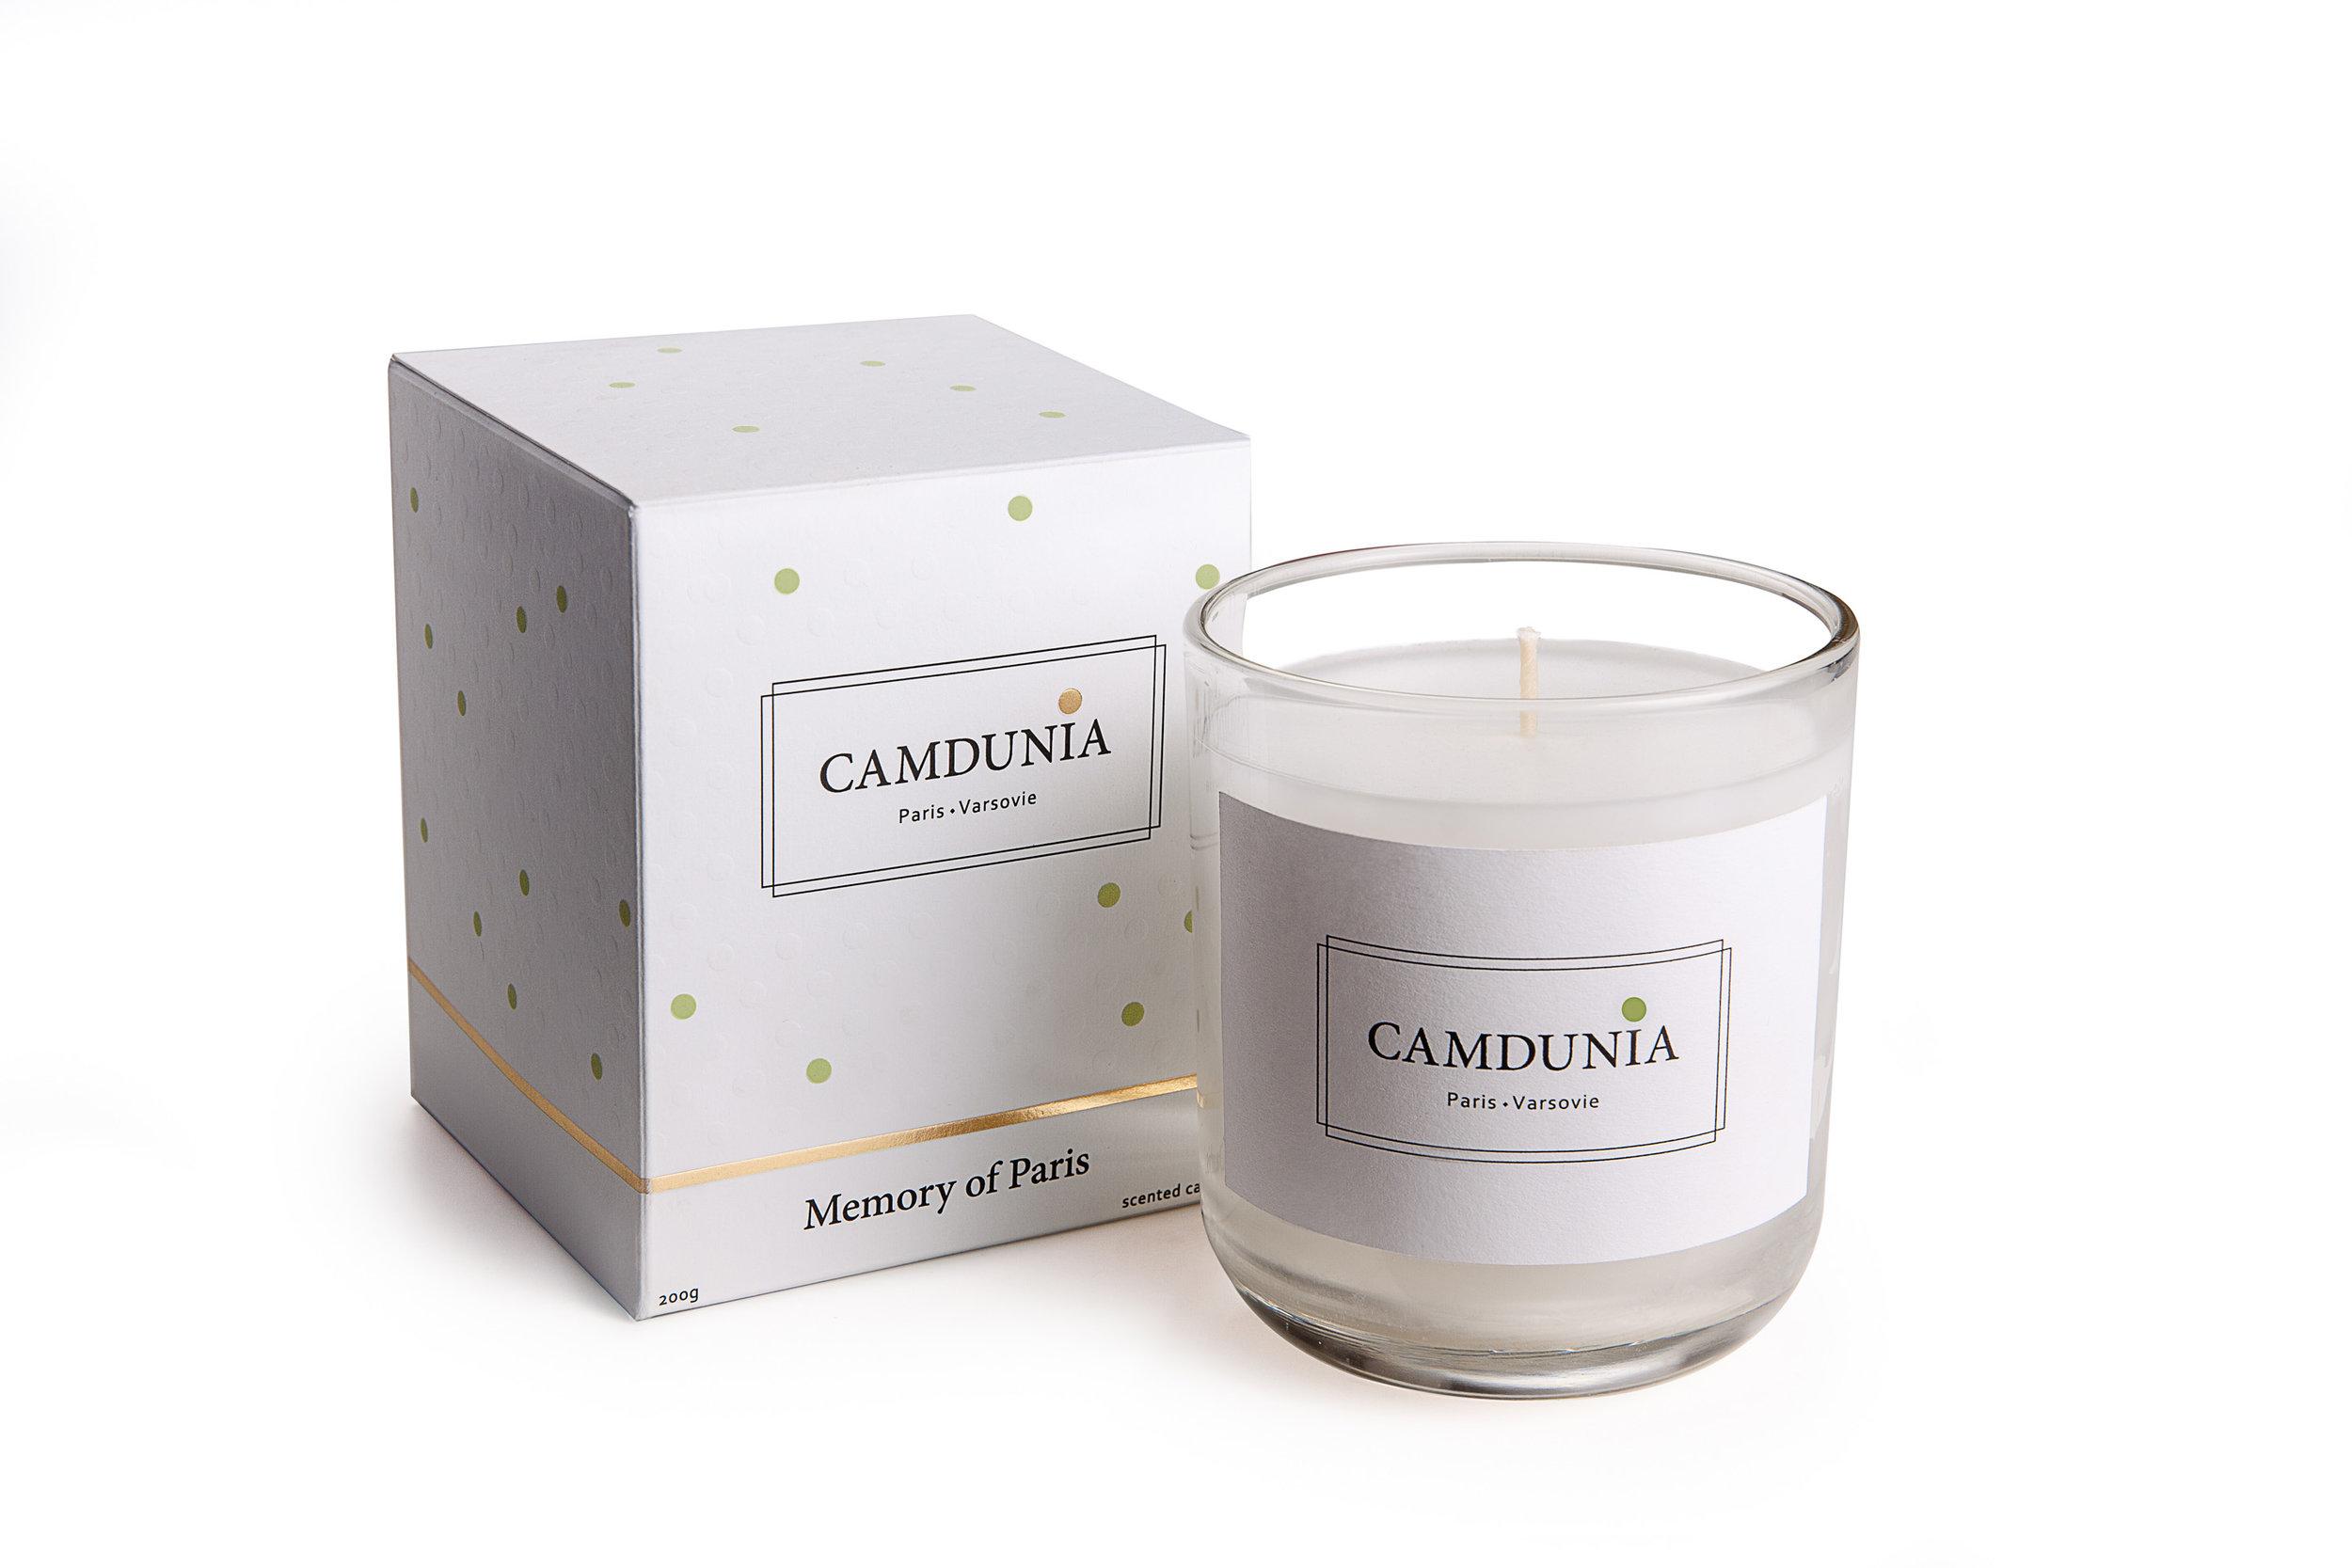 CAMDUNIA CANDLES - W BOX - LD- PARIS.jpg